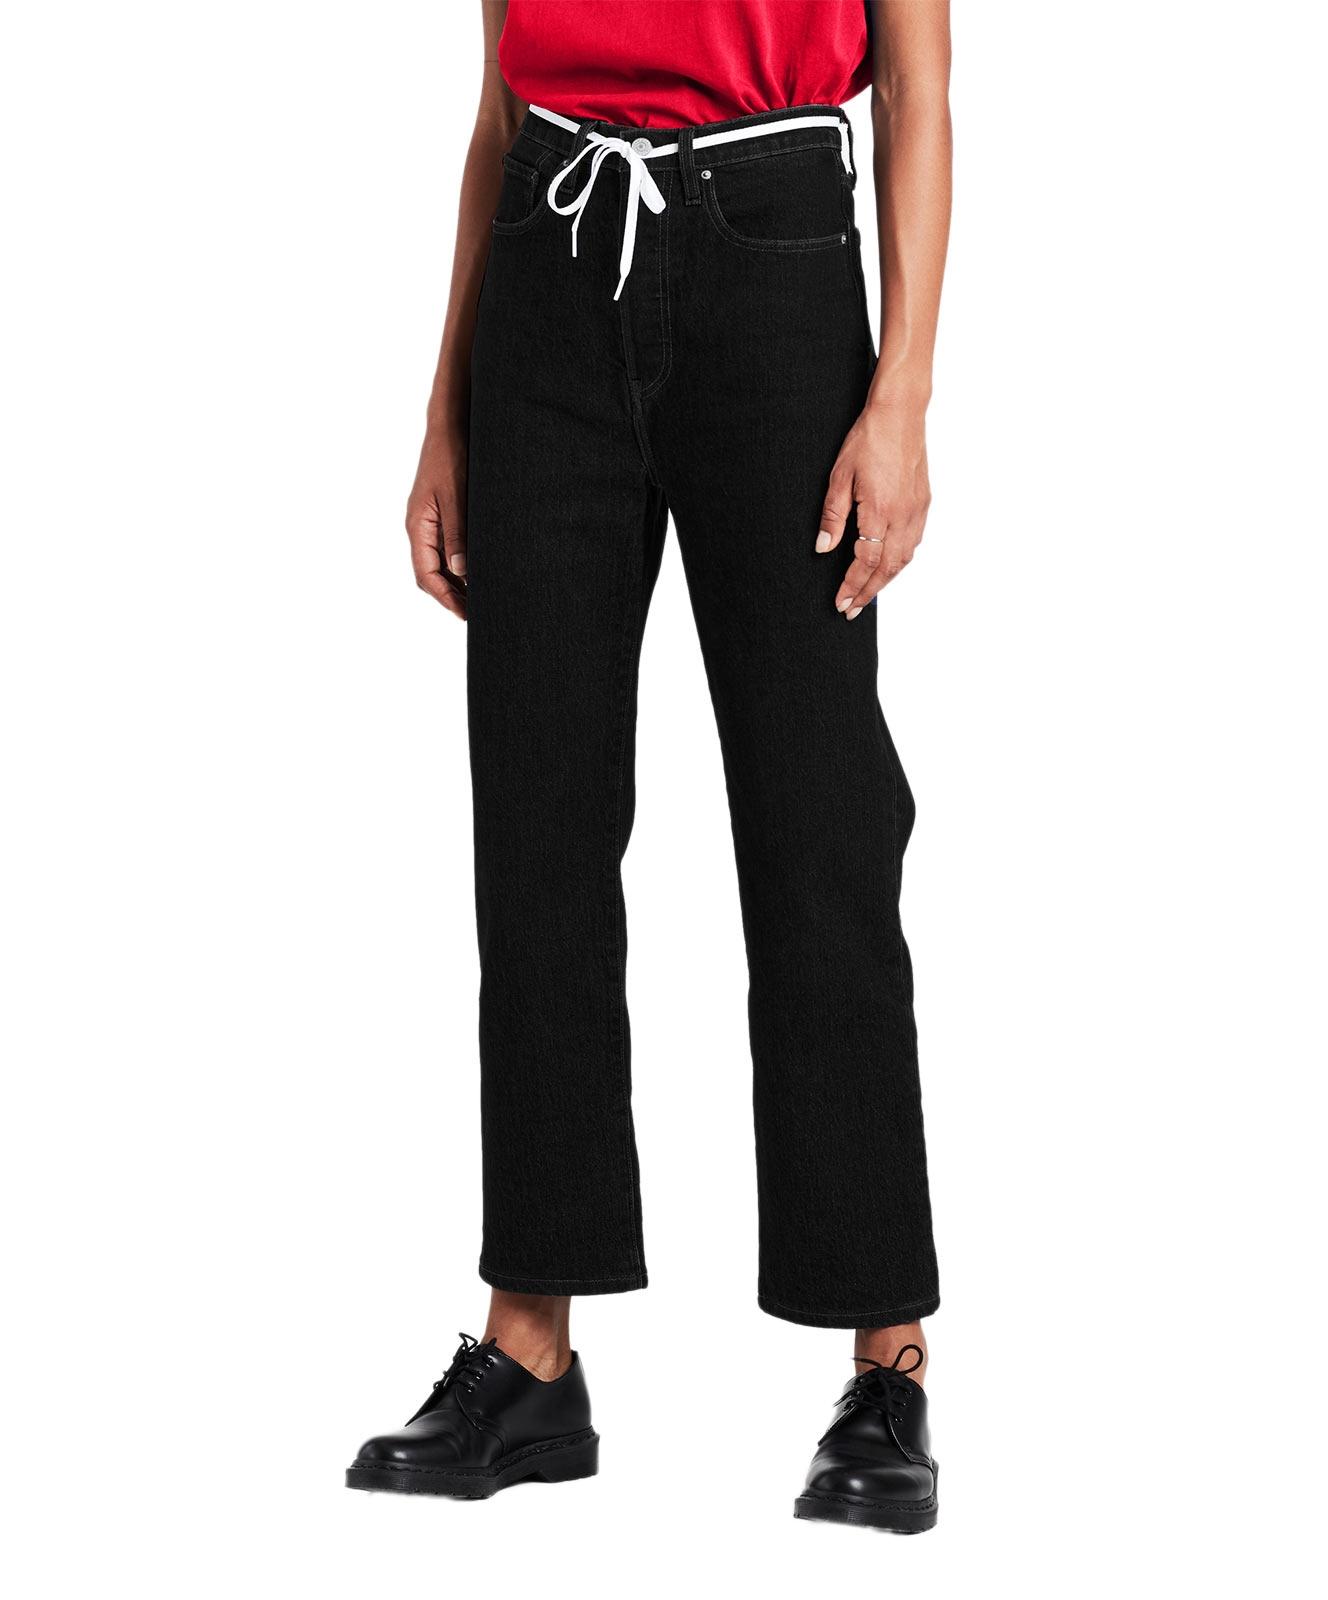 Hosen für Frauen - Levi's Ribcage Schwarze Ankle Jeans mit geradem Bein  - Onlineshop Jeans Meile